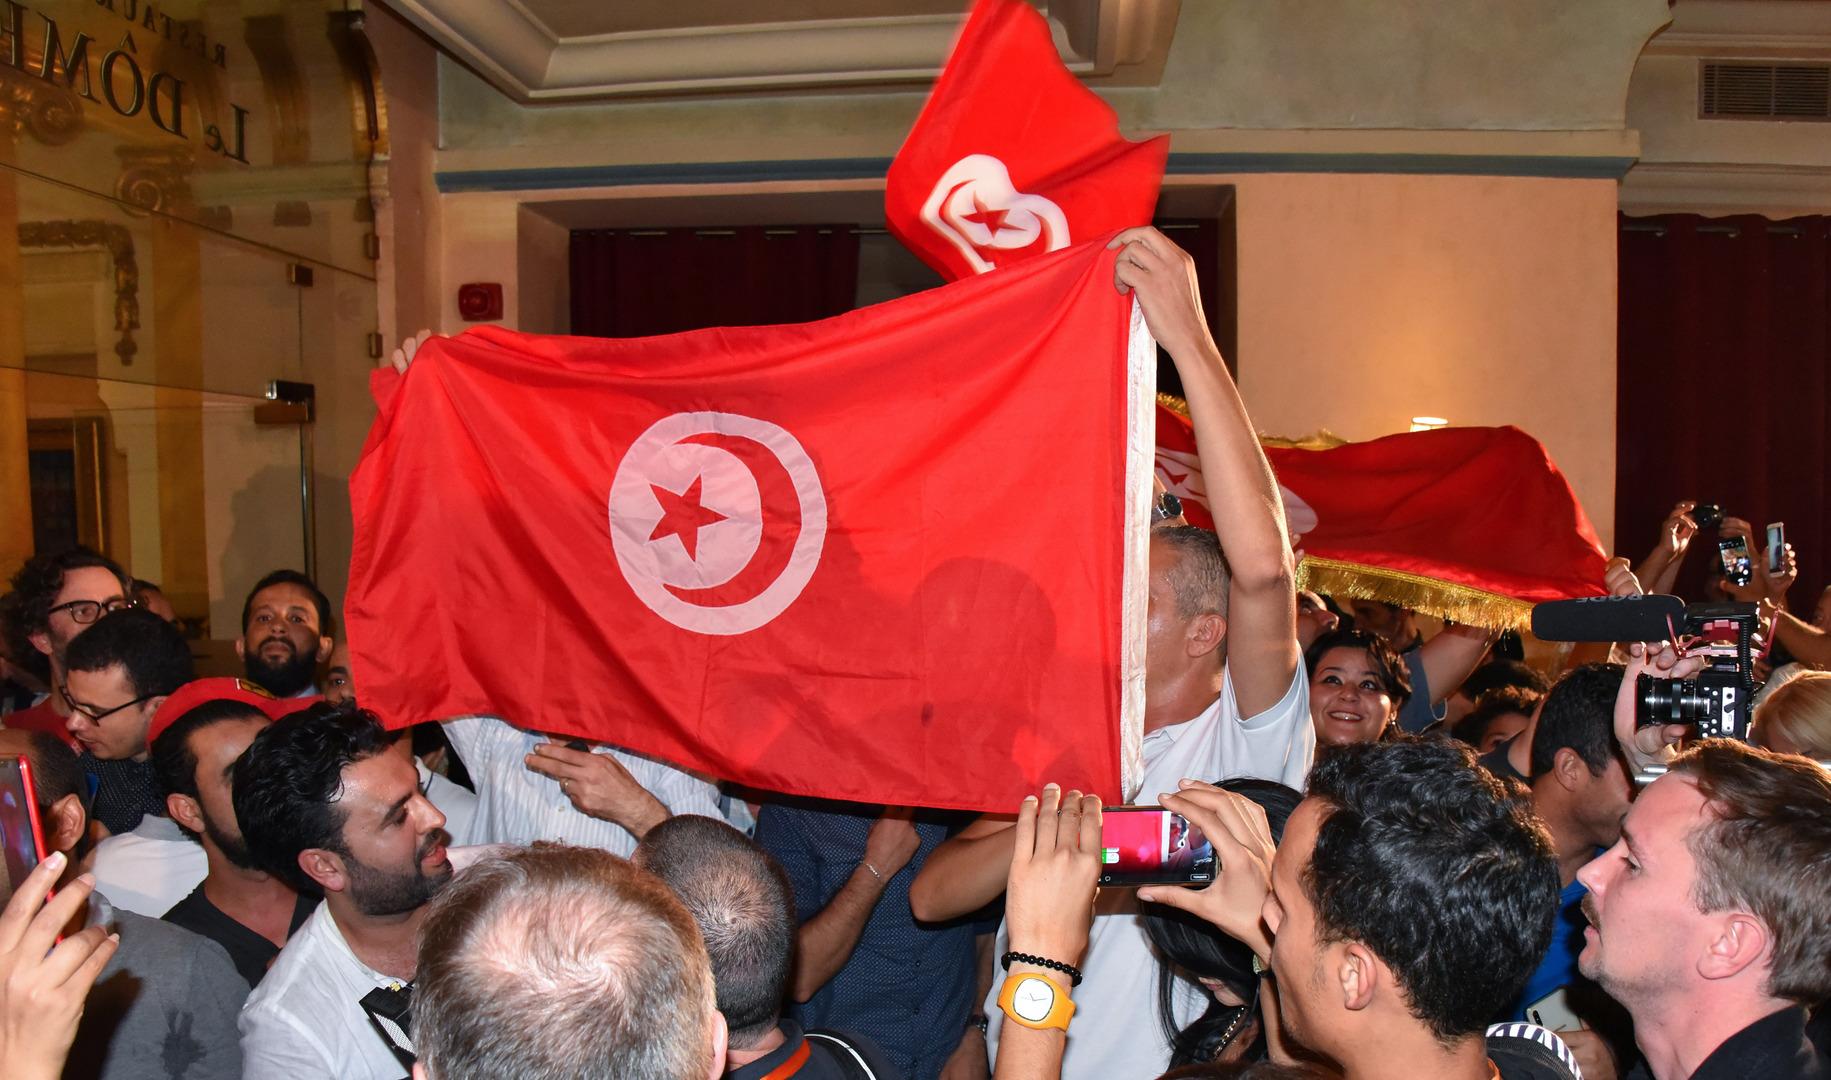 الرئيس التونسي يصدر تدابير استثنائية جديدة تشمل البرلمان